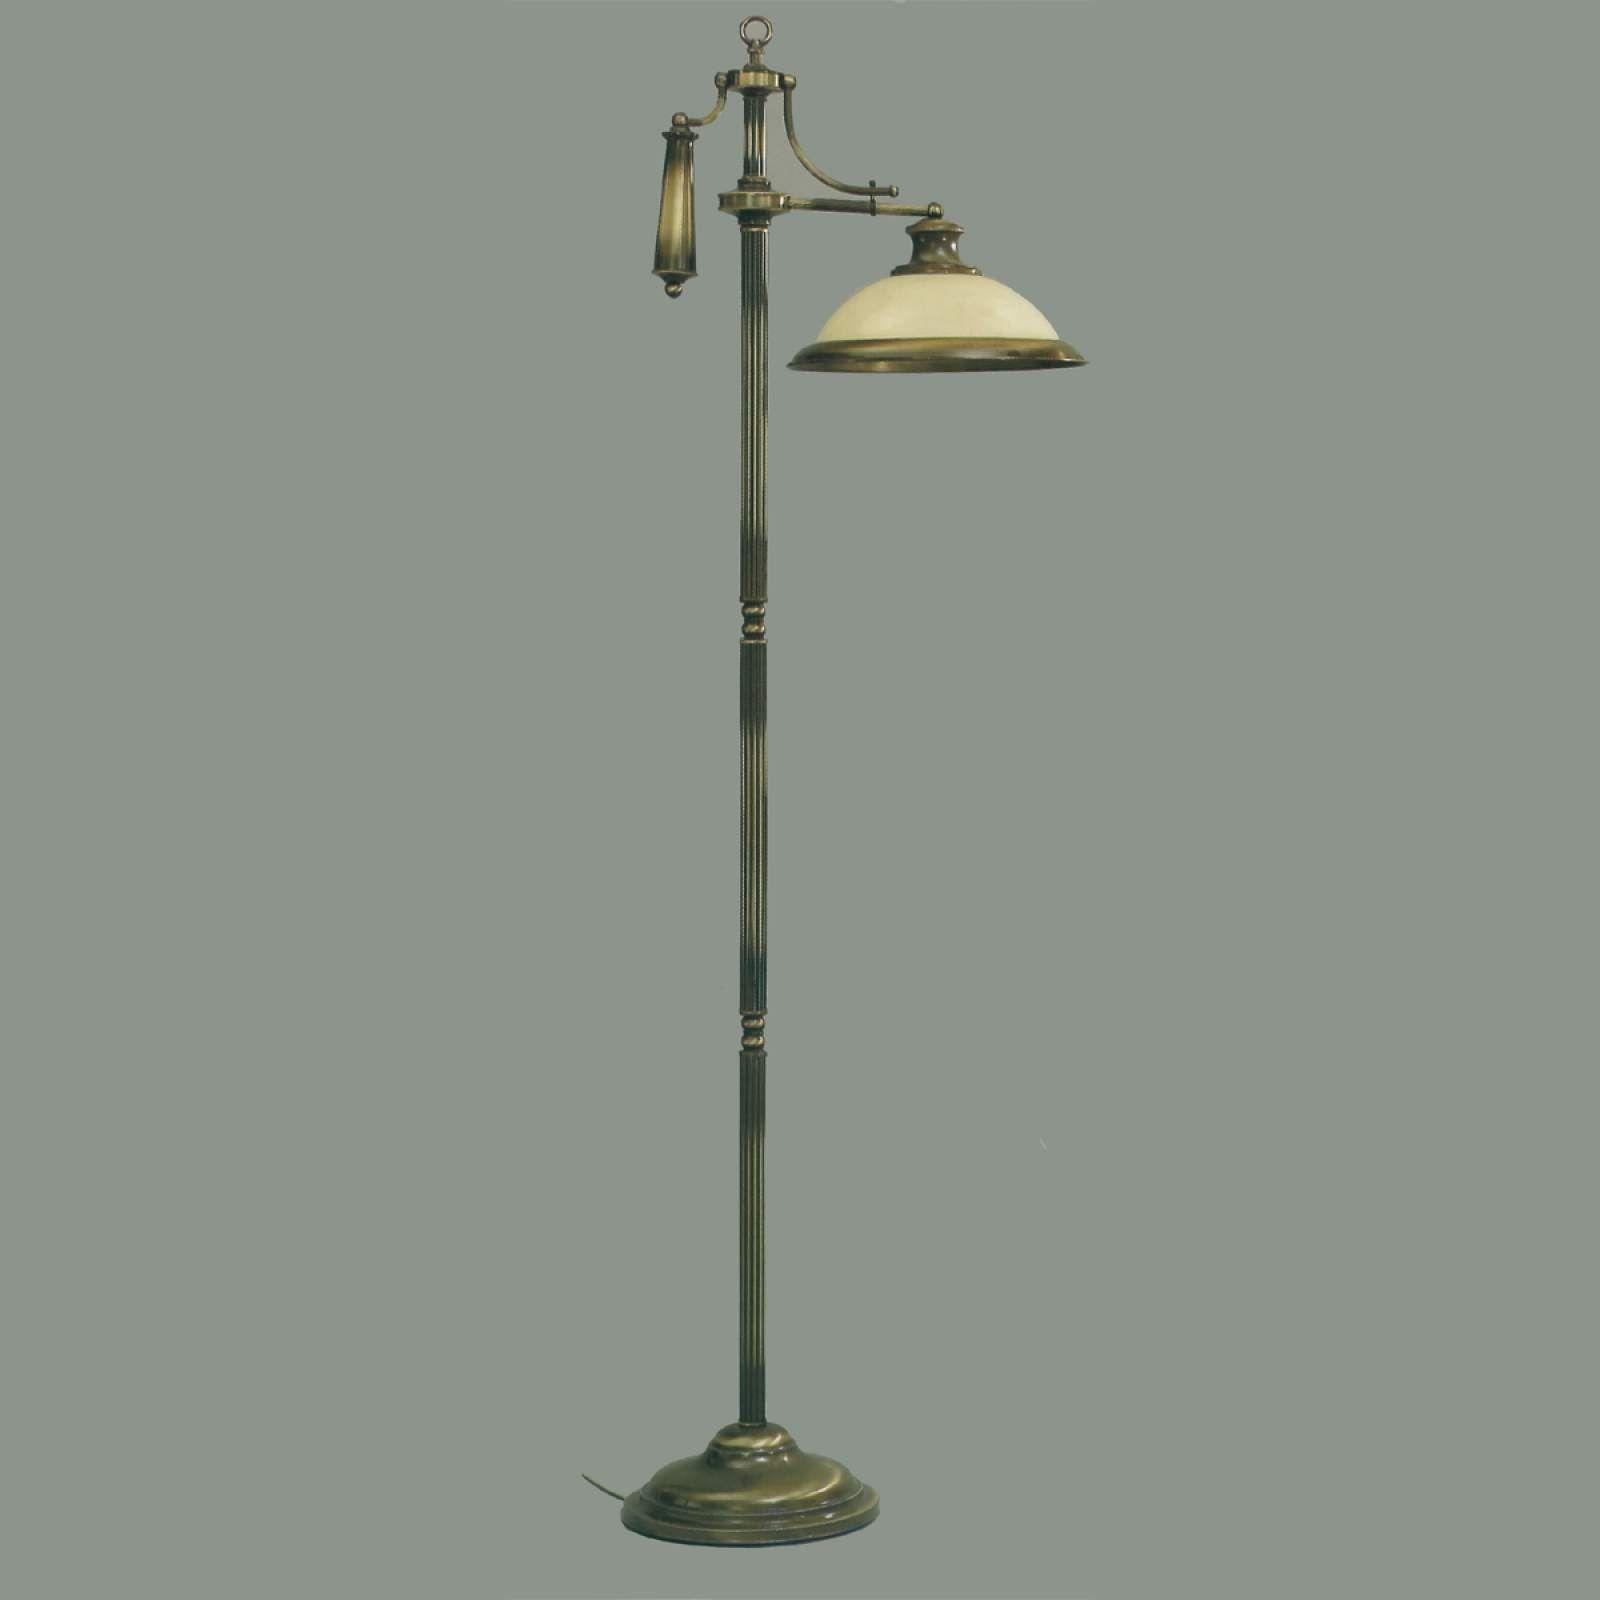 Antike Stehlampe Valentina Von Orion Bronze Stehlampe Retro